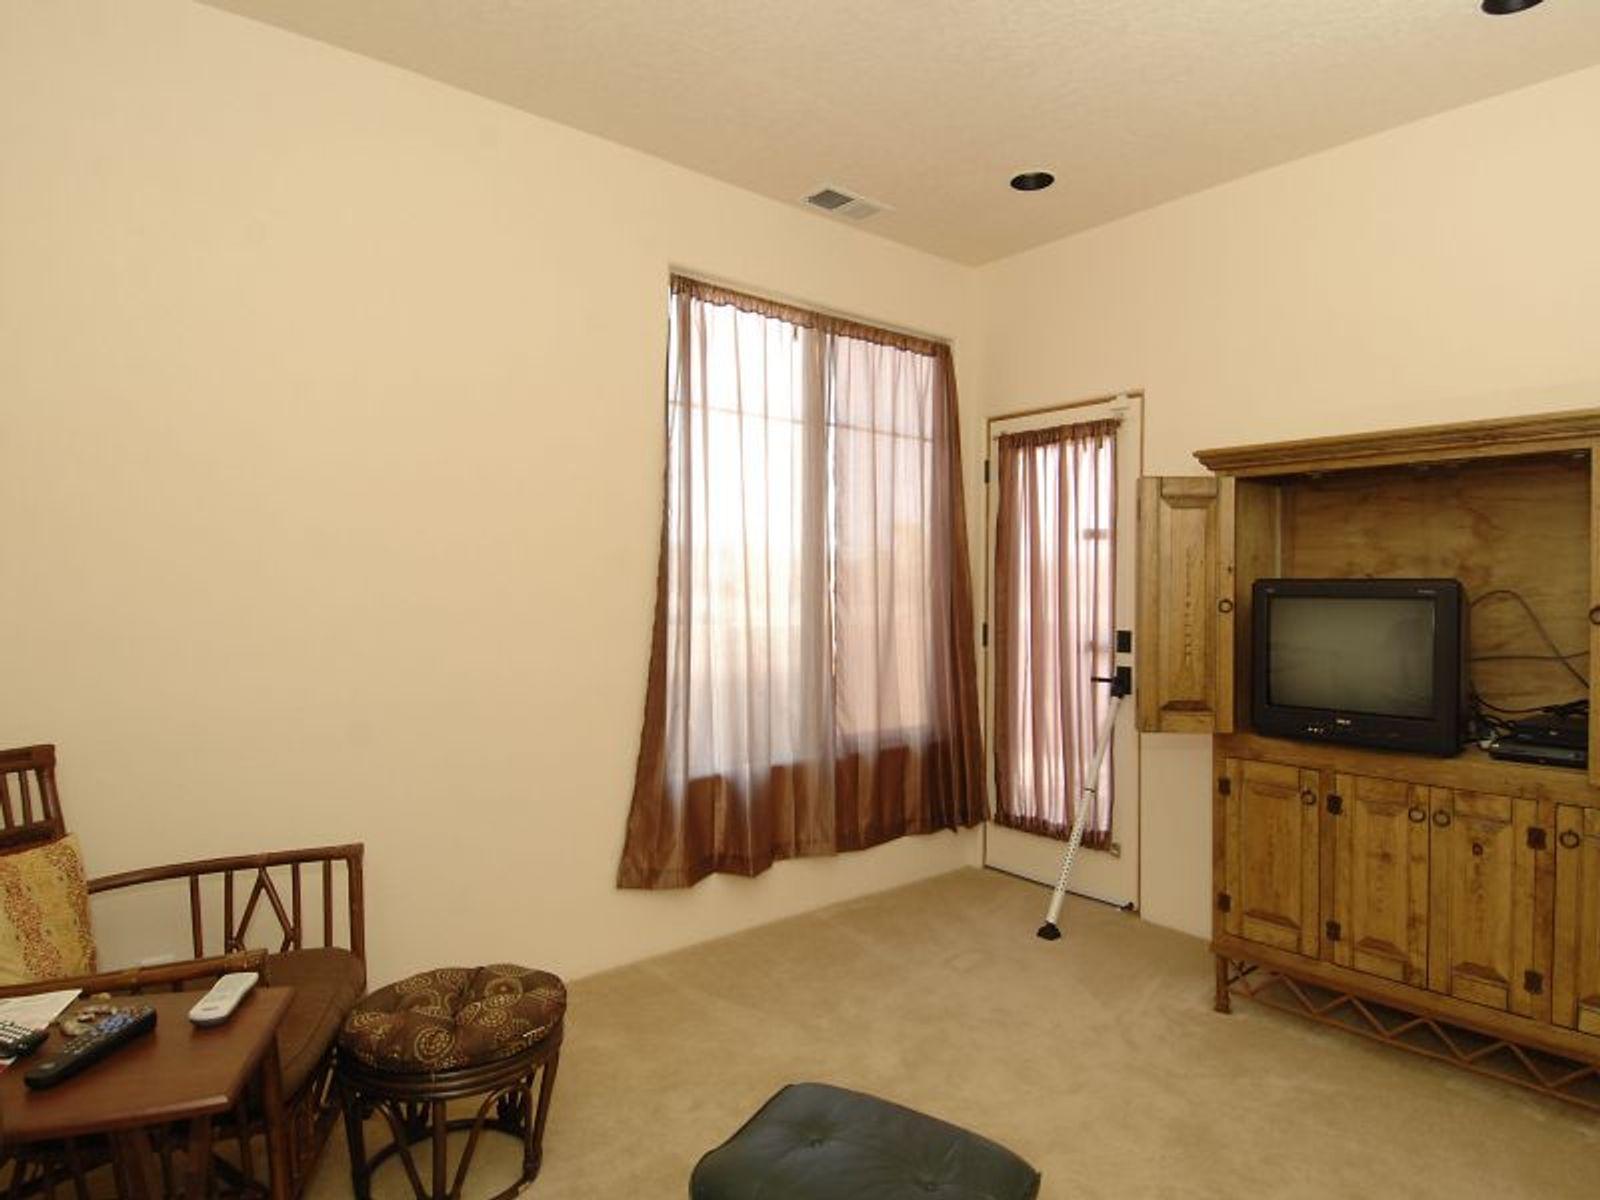 Den/TV/Office or possible Third Bedroom